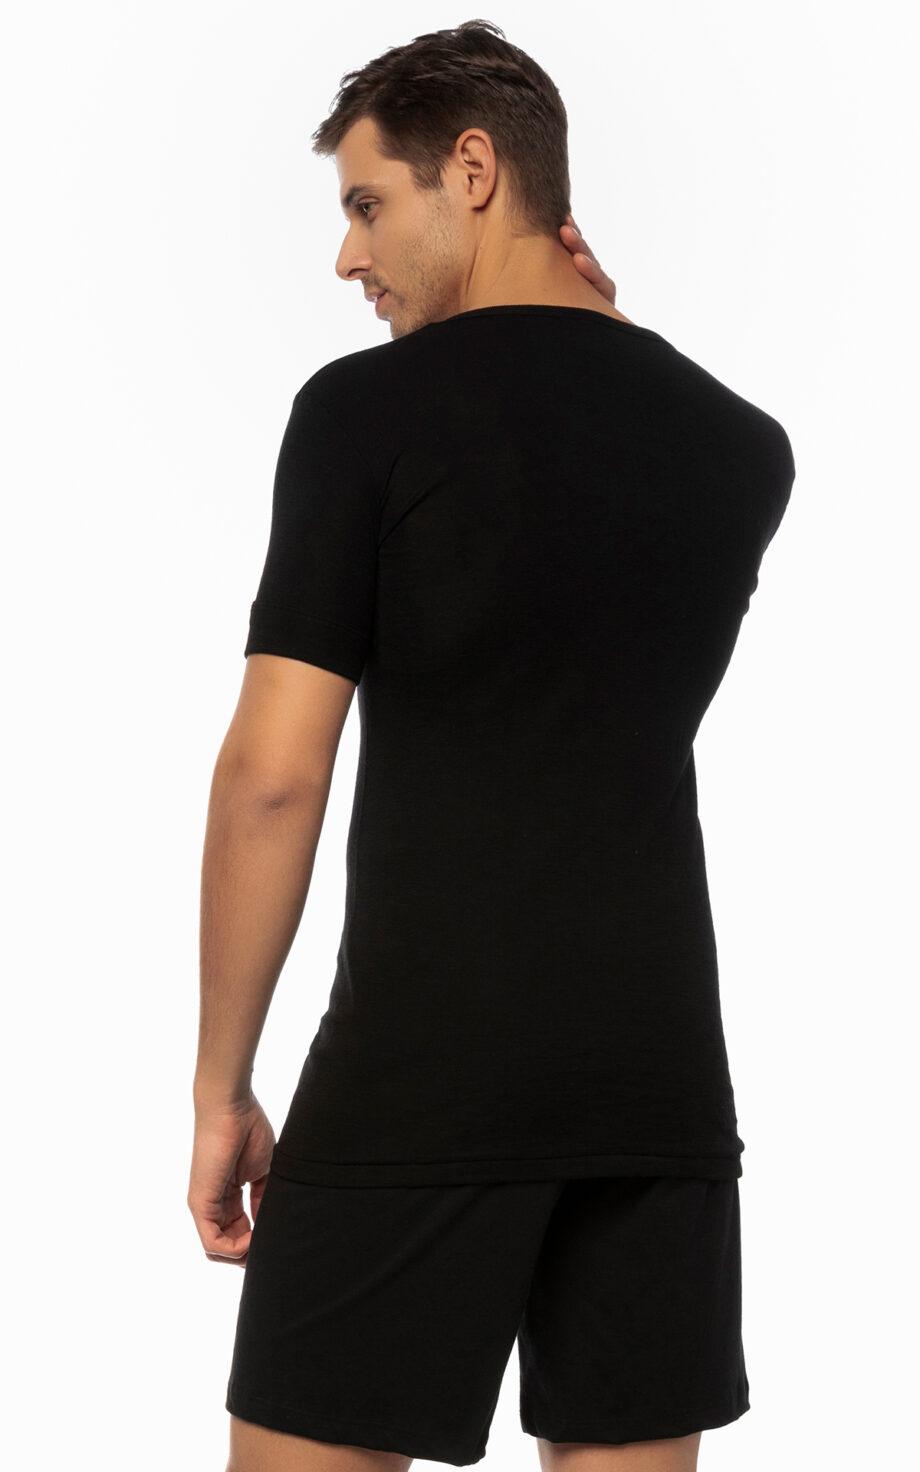 90-10303 φανελάκι μαύρο back